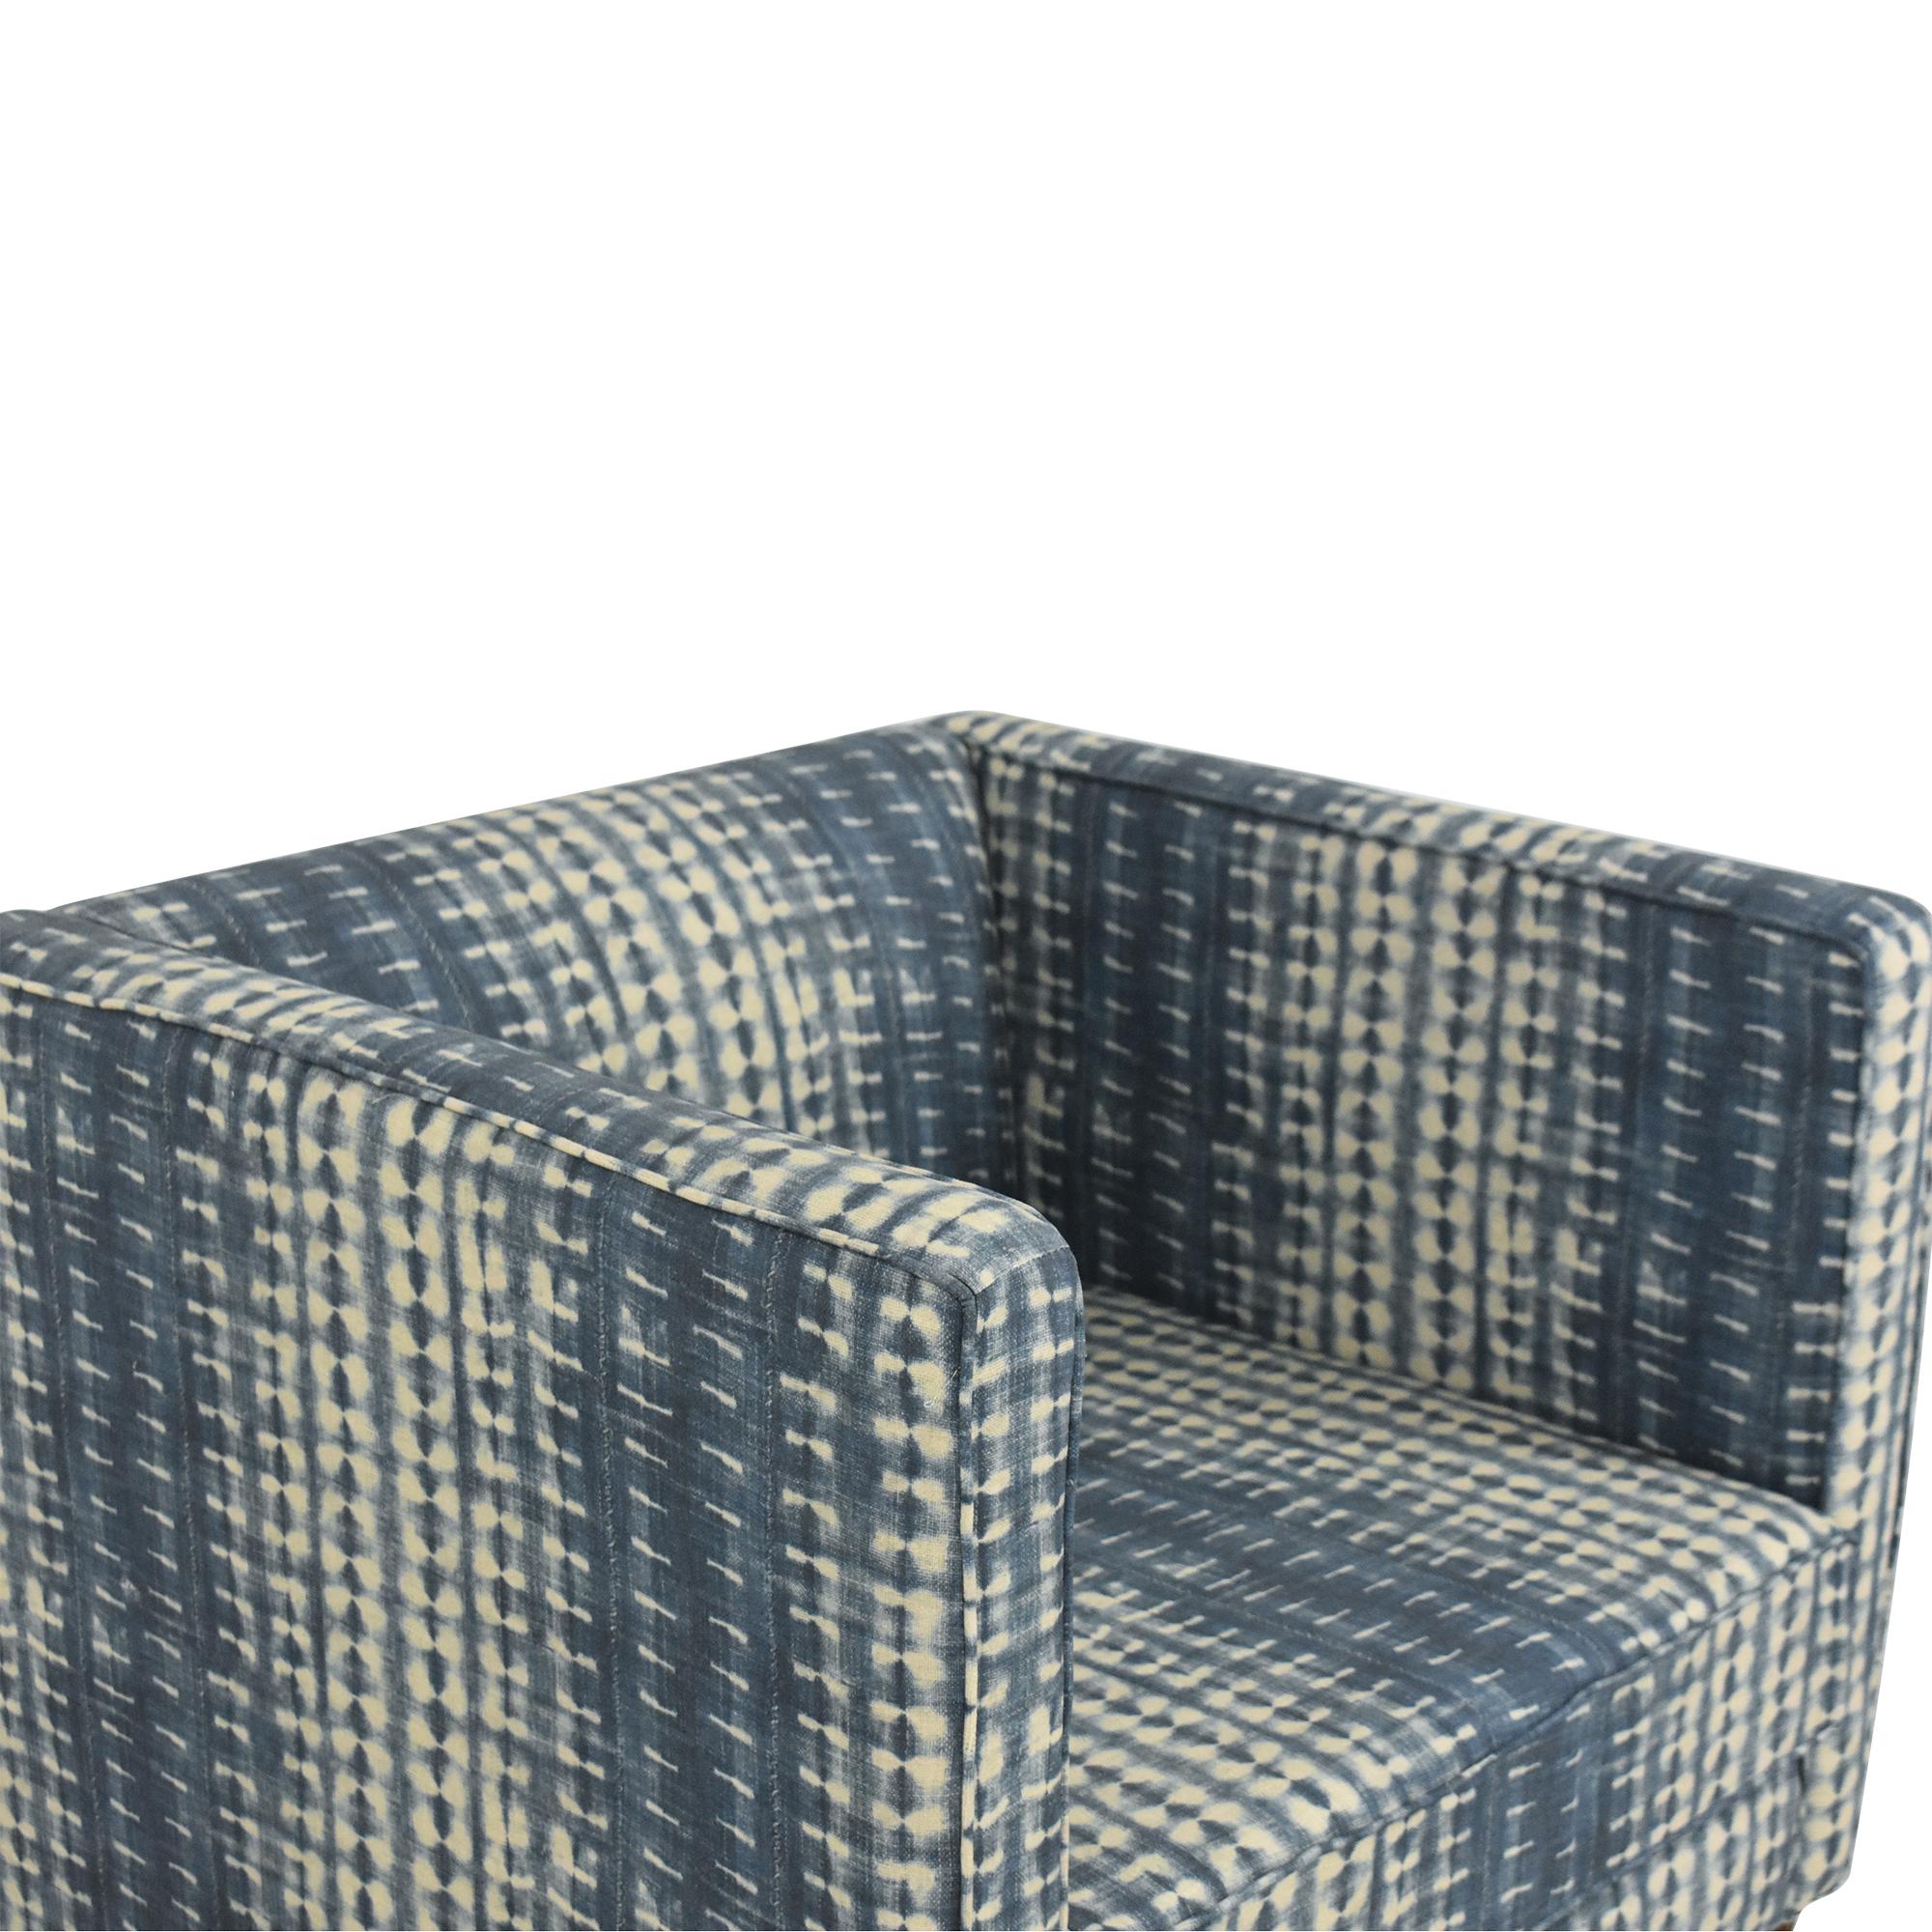 The Inside The Inside Shibori Tuxedo Chair pa